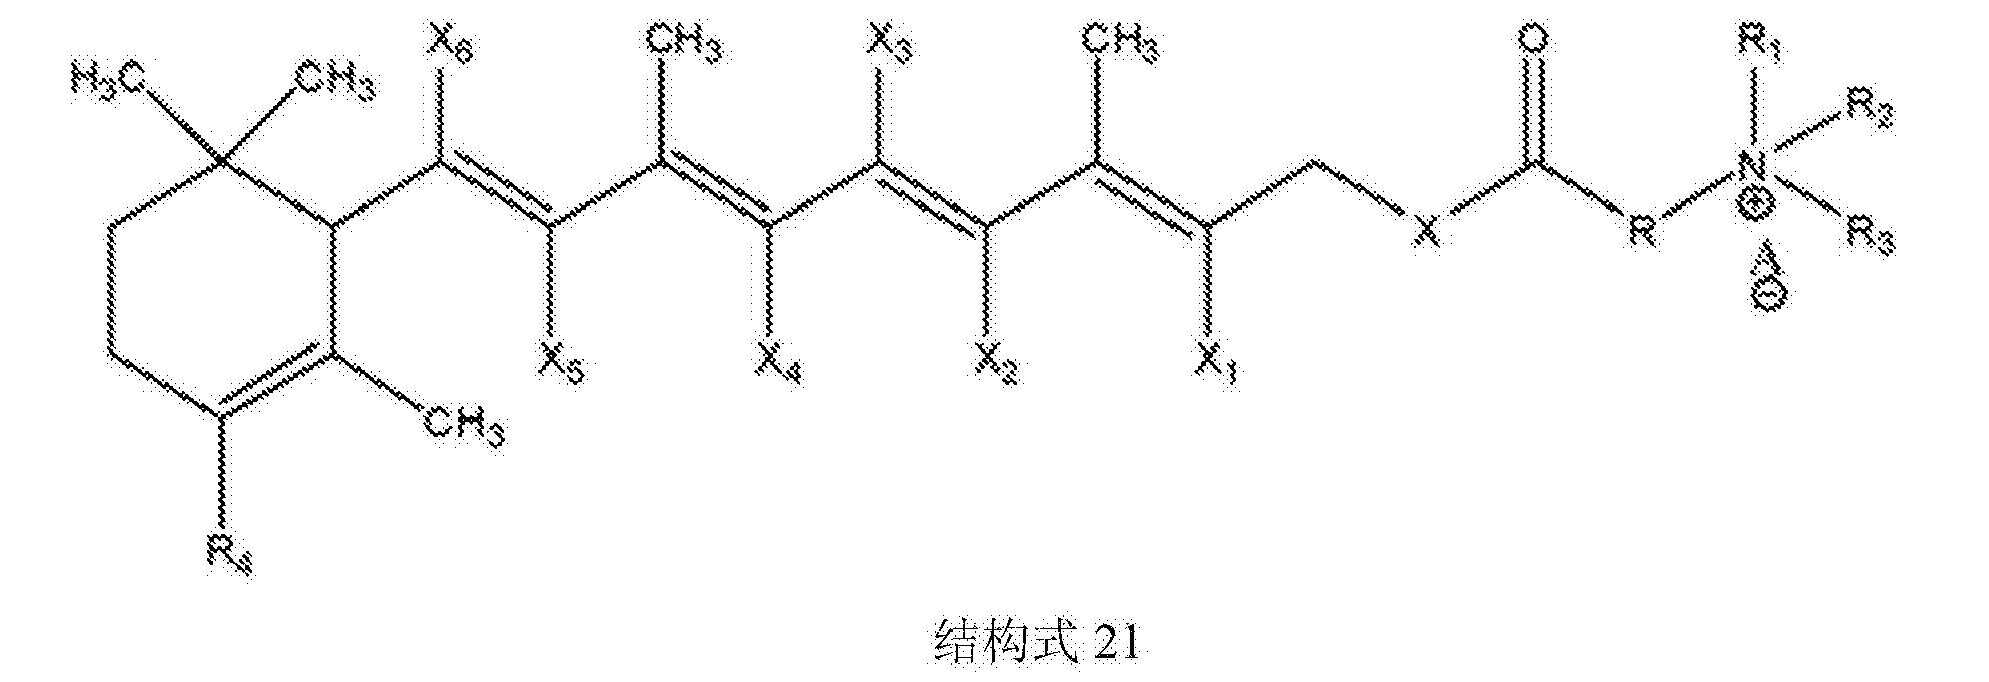 Figure CN107652212AC00211